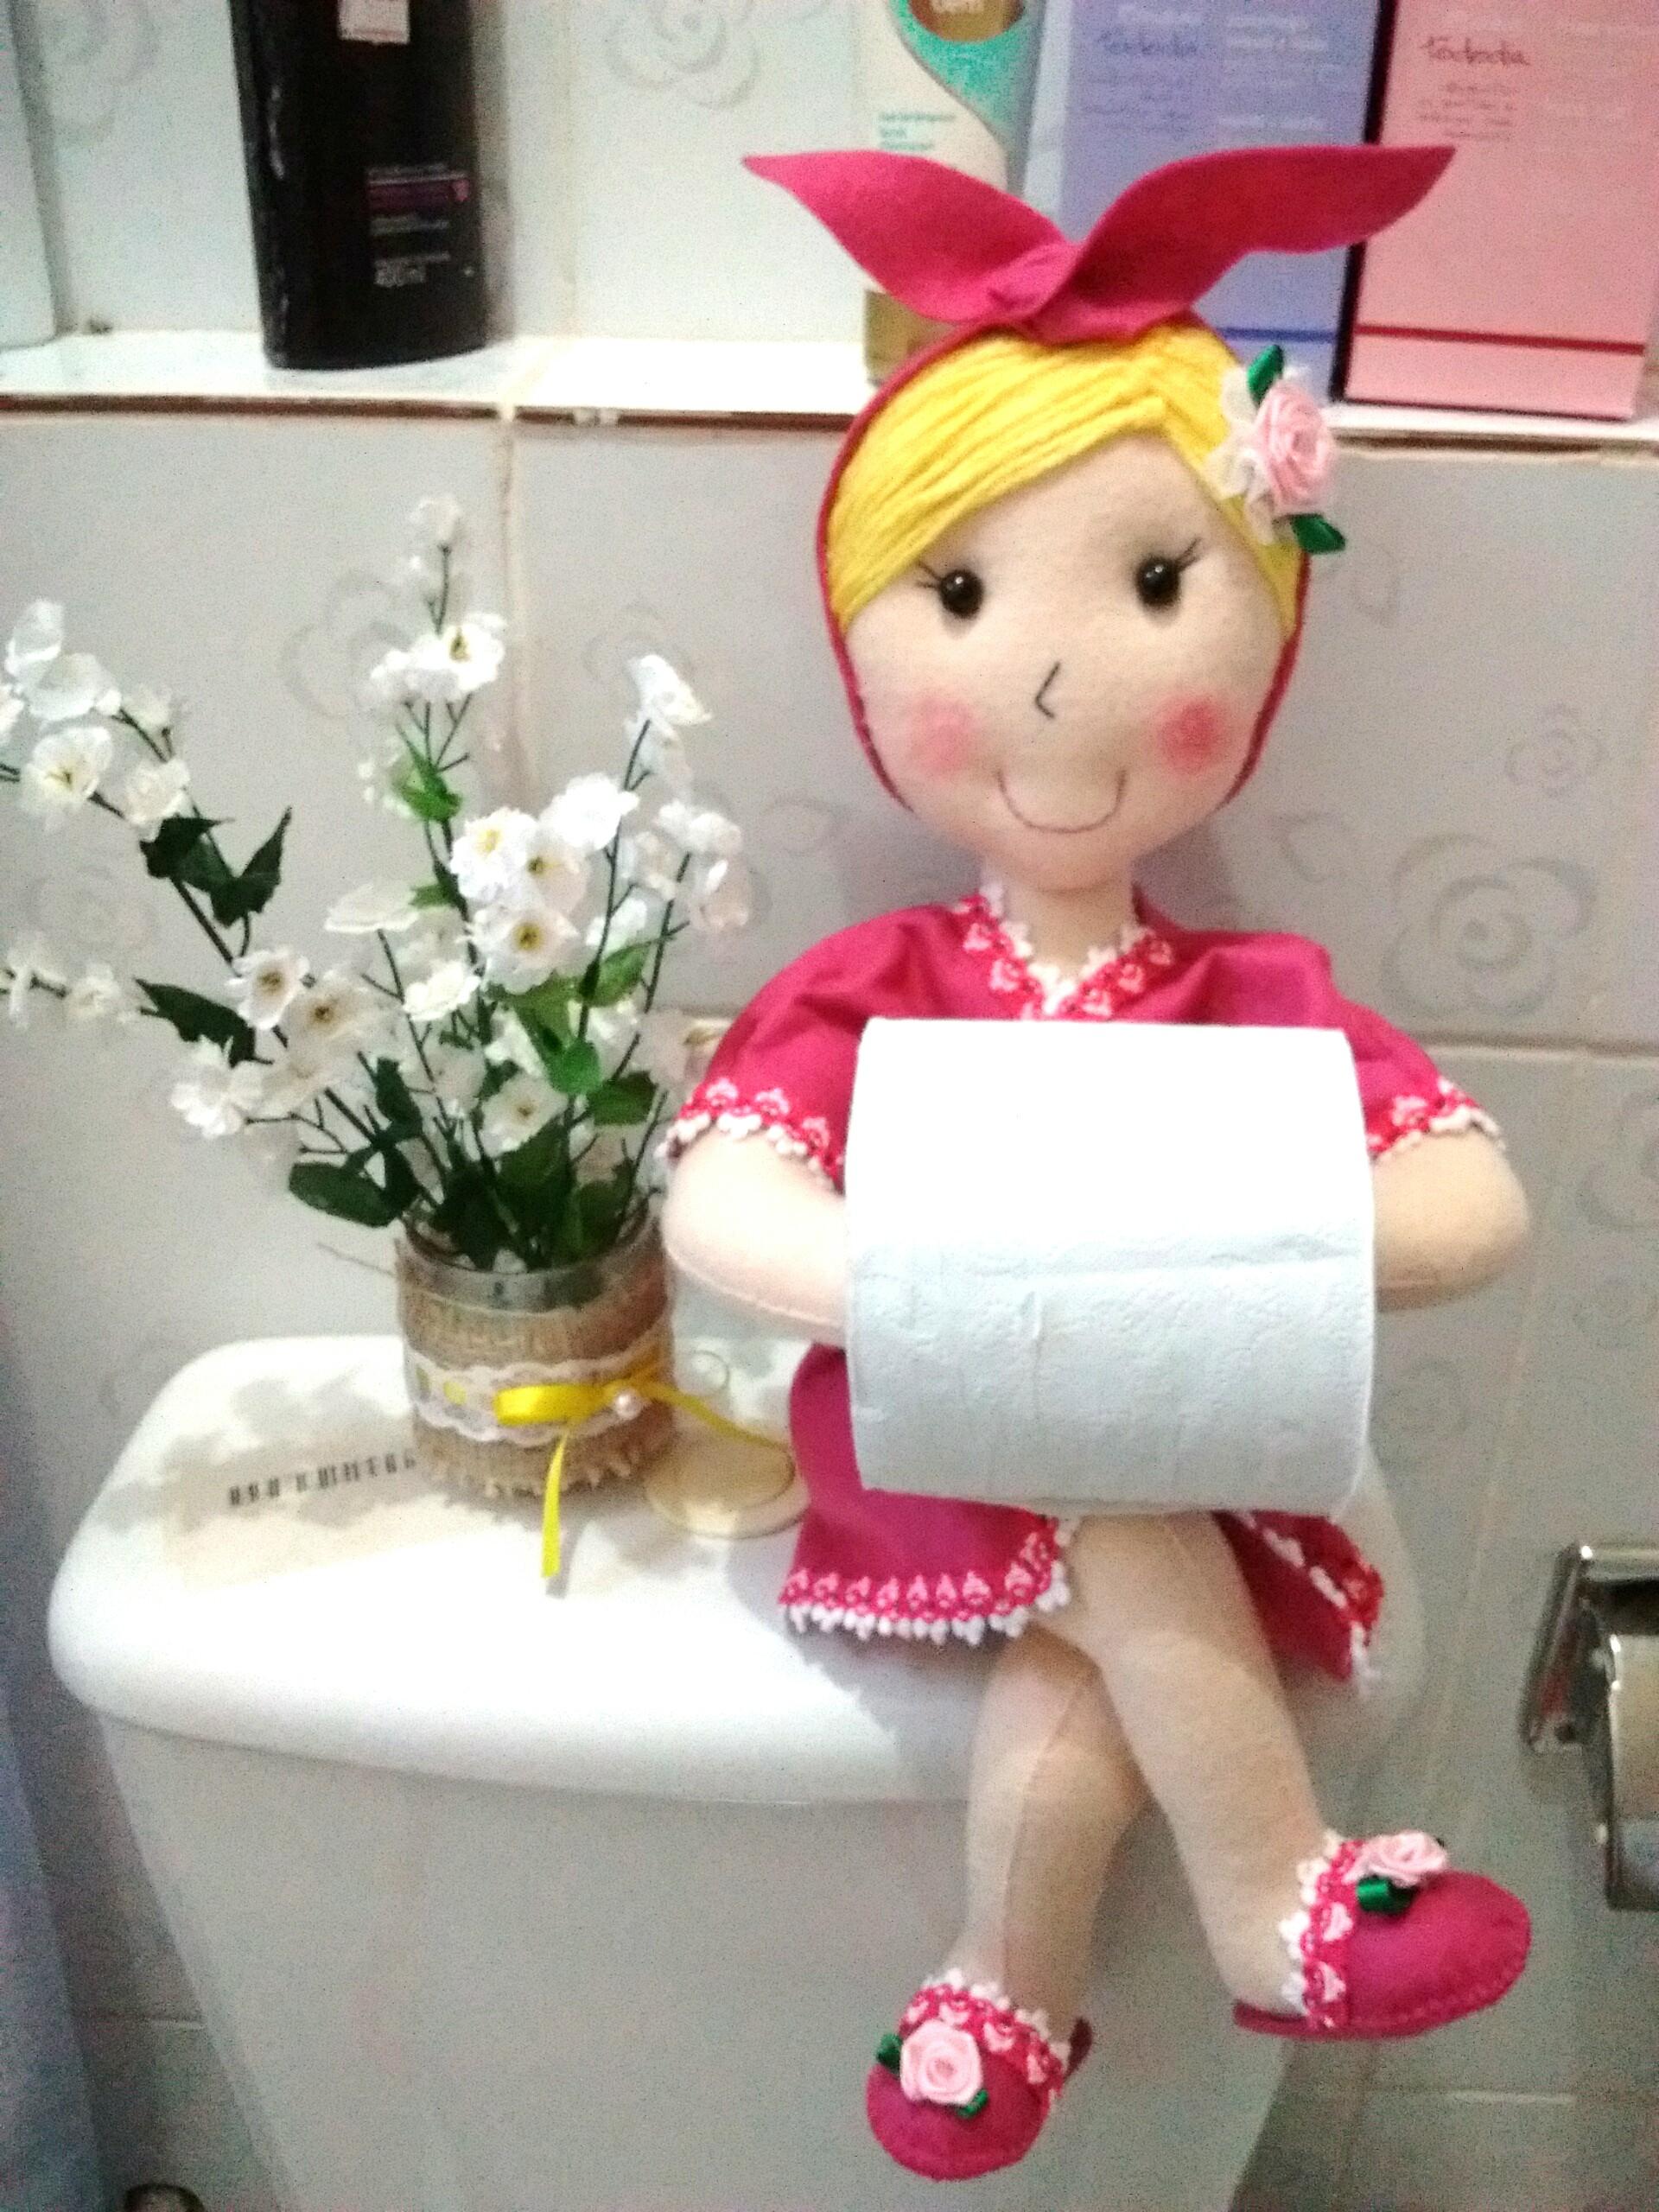 De 4 no banheiro da balada - 2 part 9